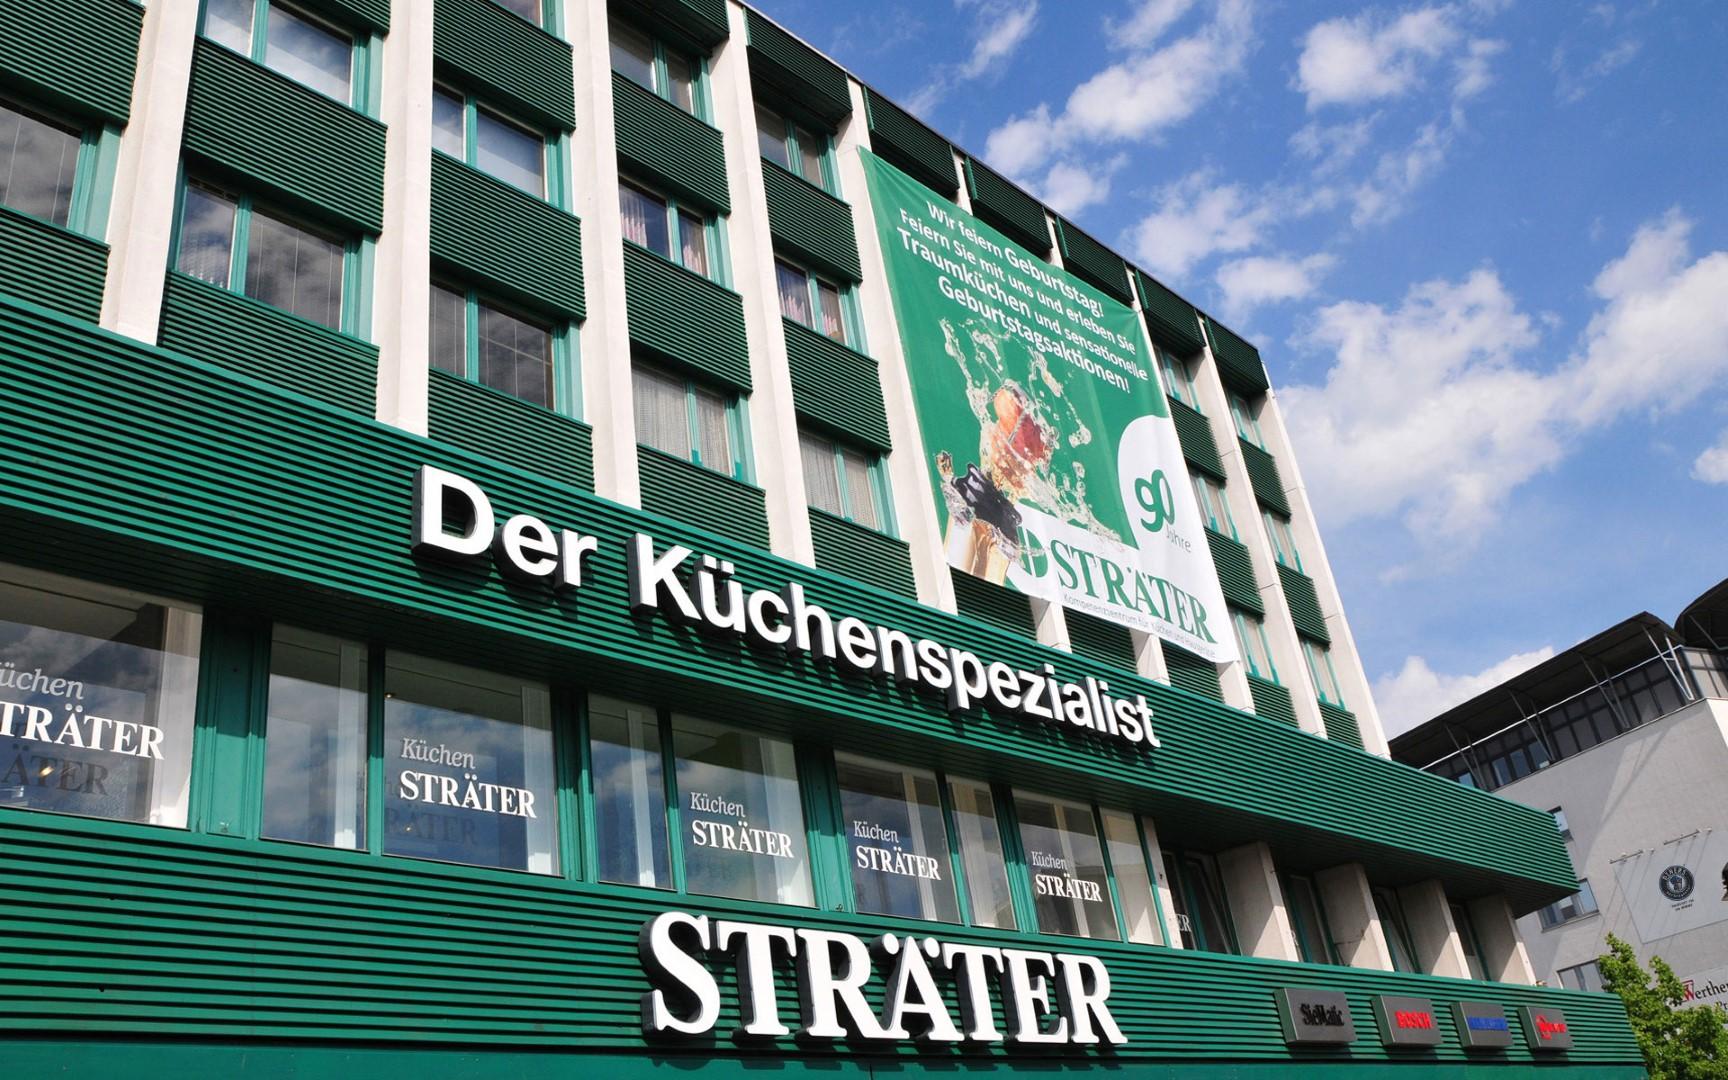 Sträter Wuppertal Unsere Firma